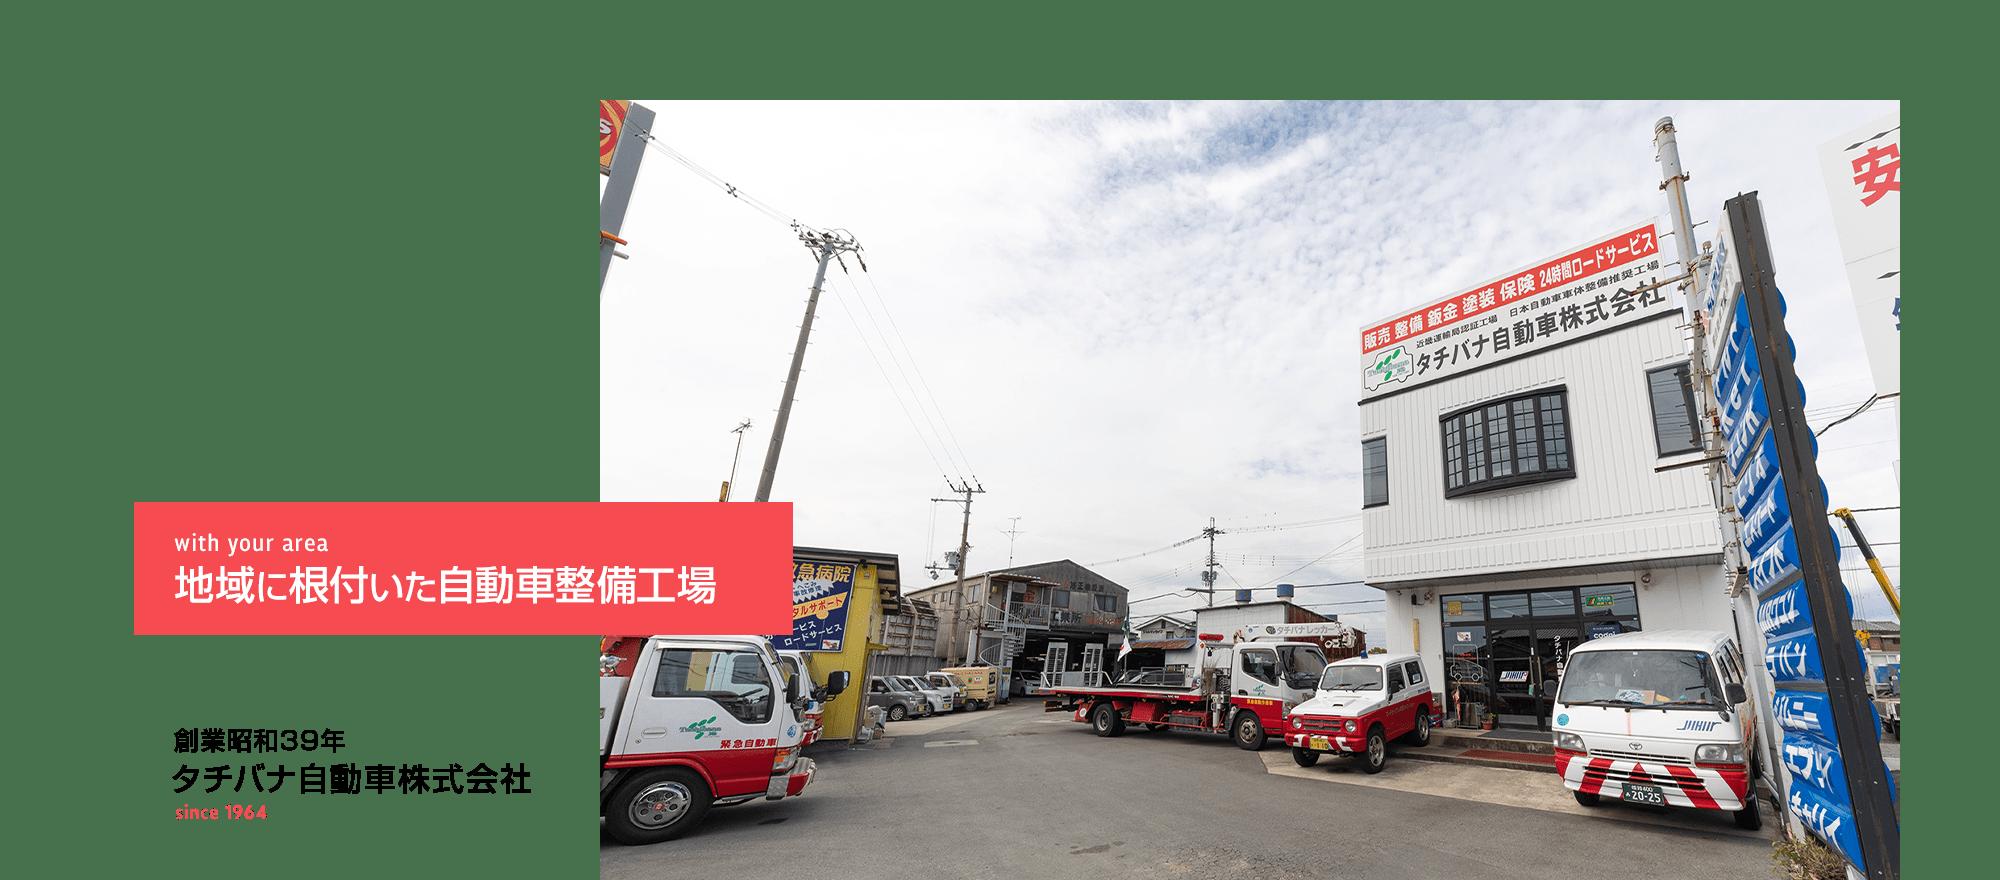 地域に根付いた自動車整備工場【タチバナ自動車株式会社】